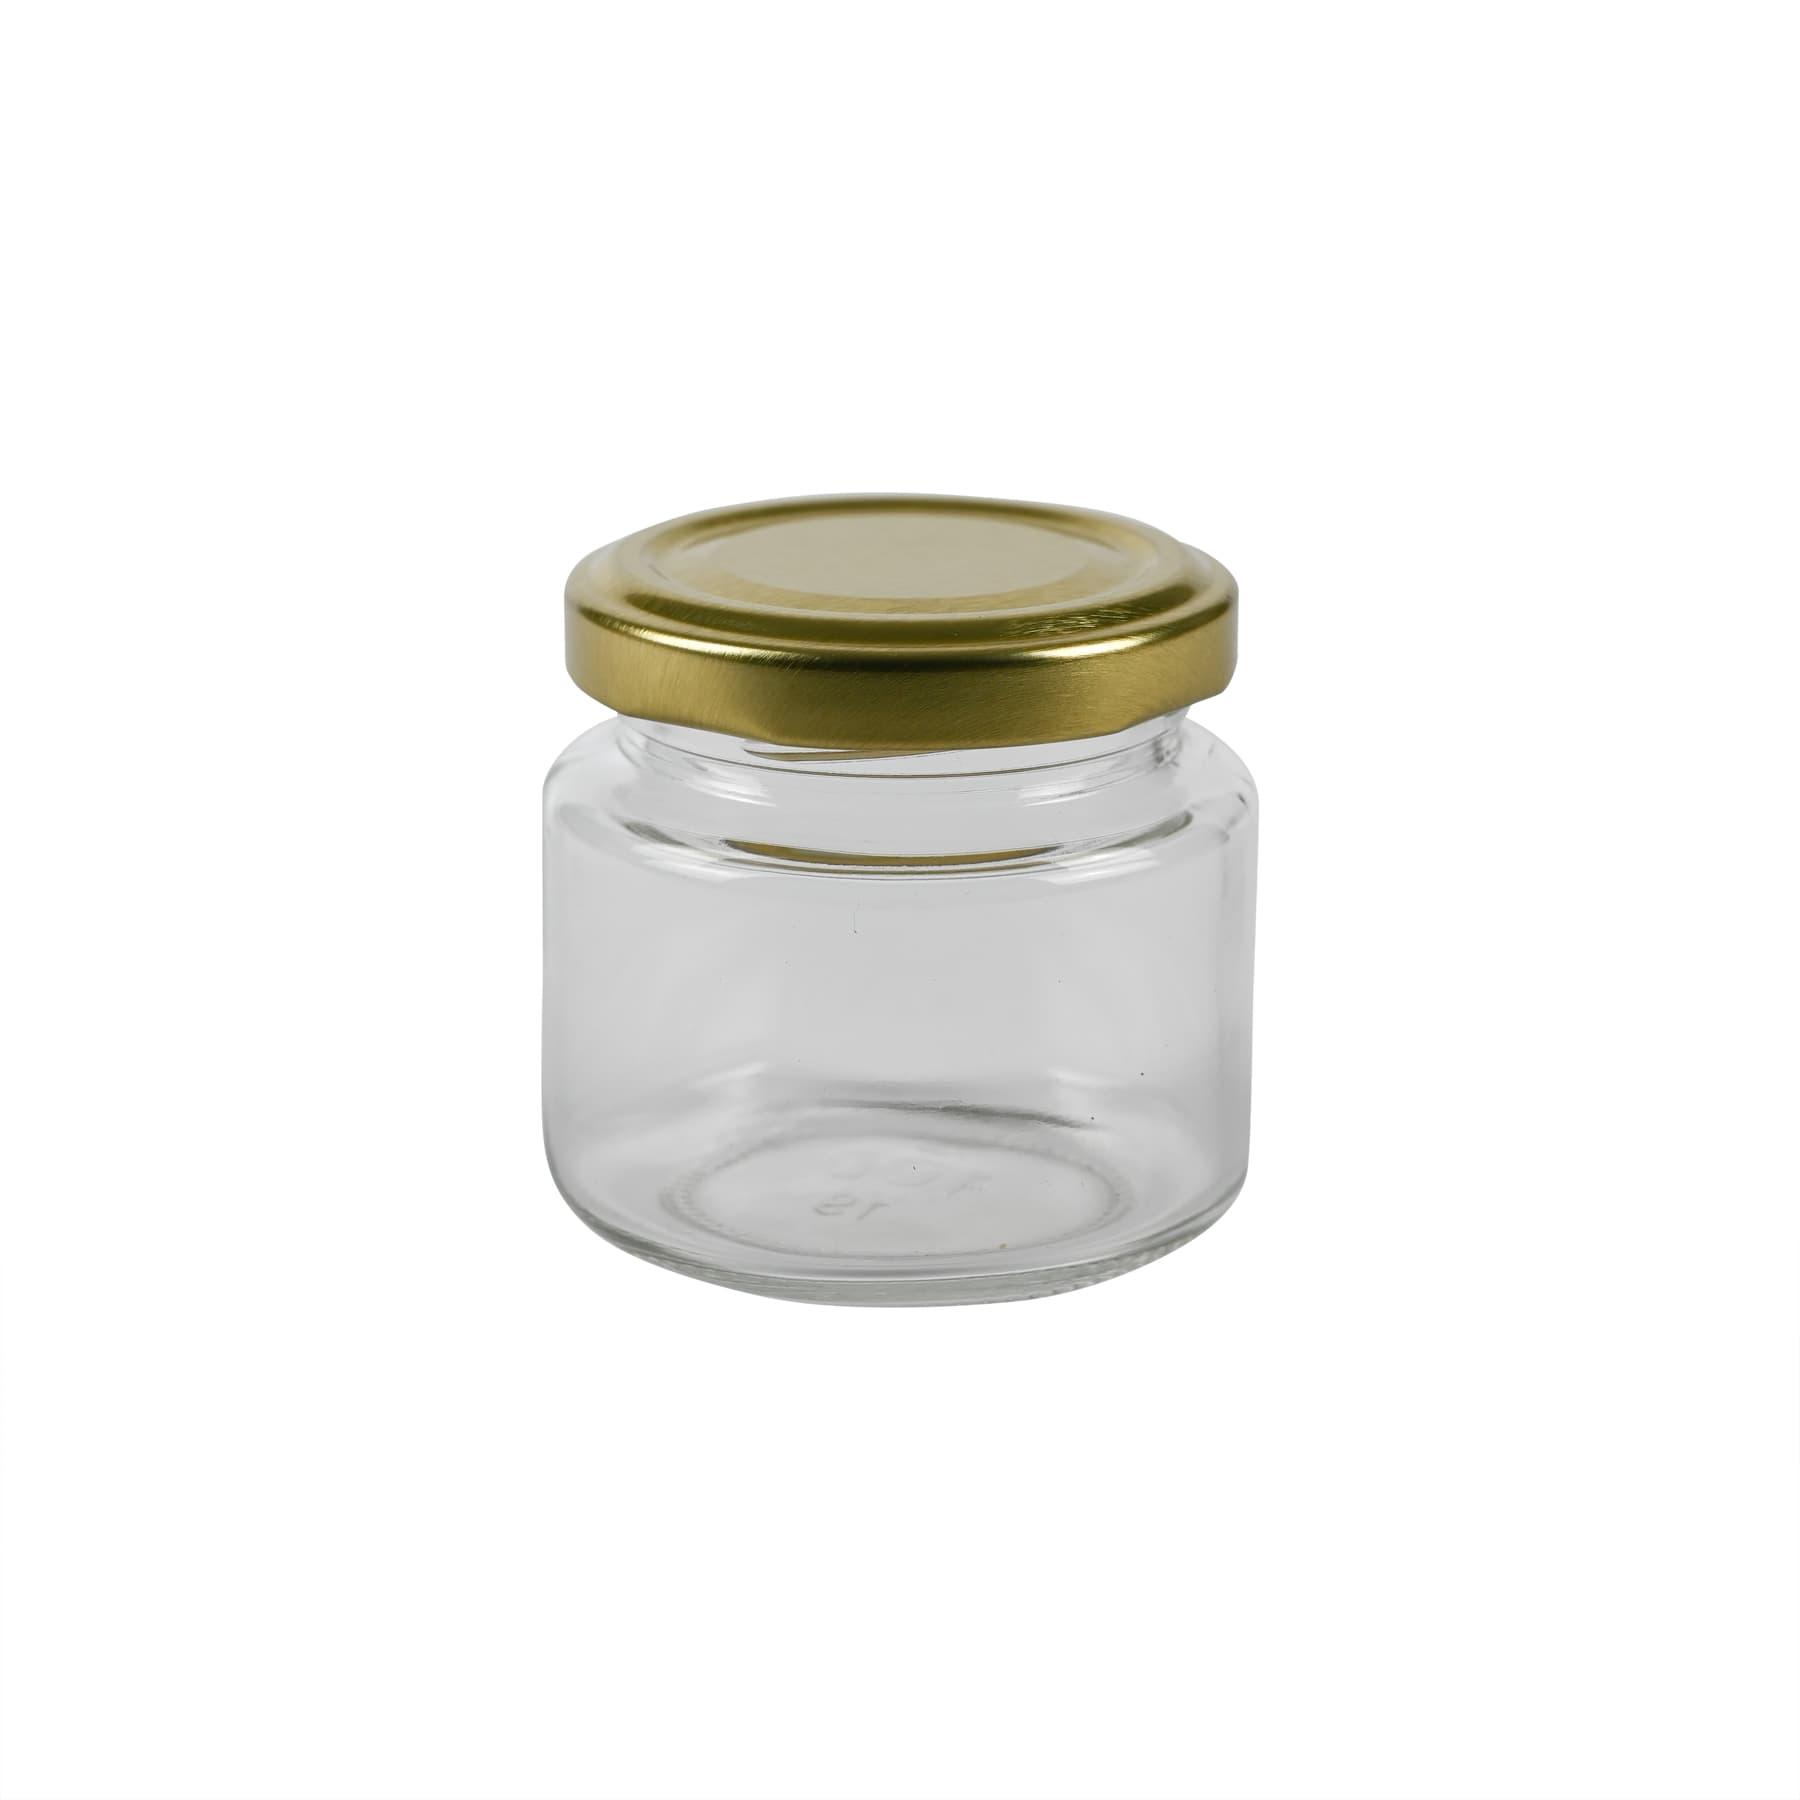 Rundglas 125g (108 ml), mit Twist Off Deckel gold 53mm